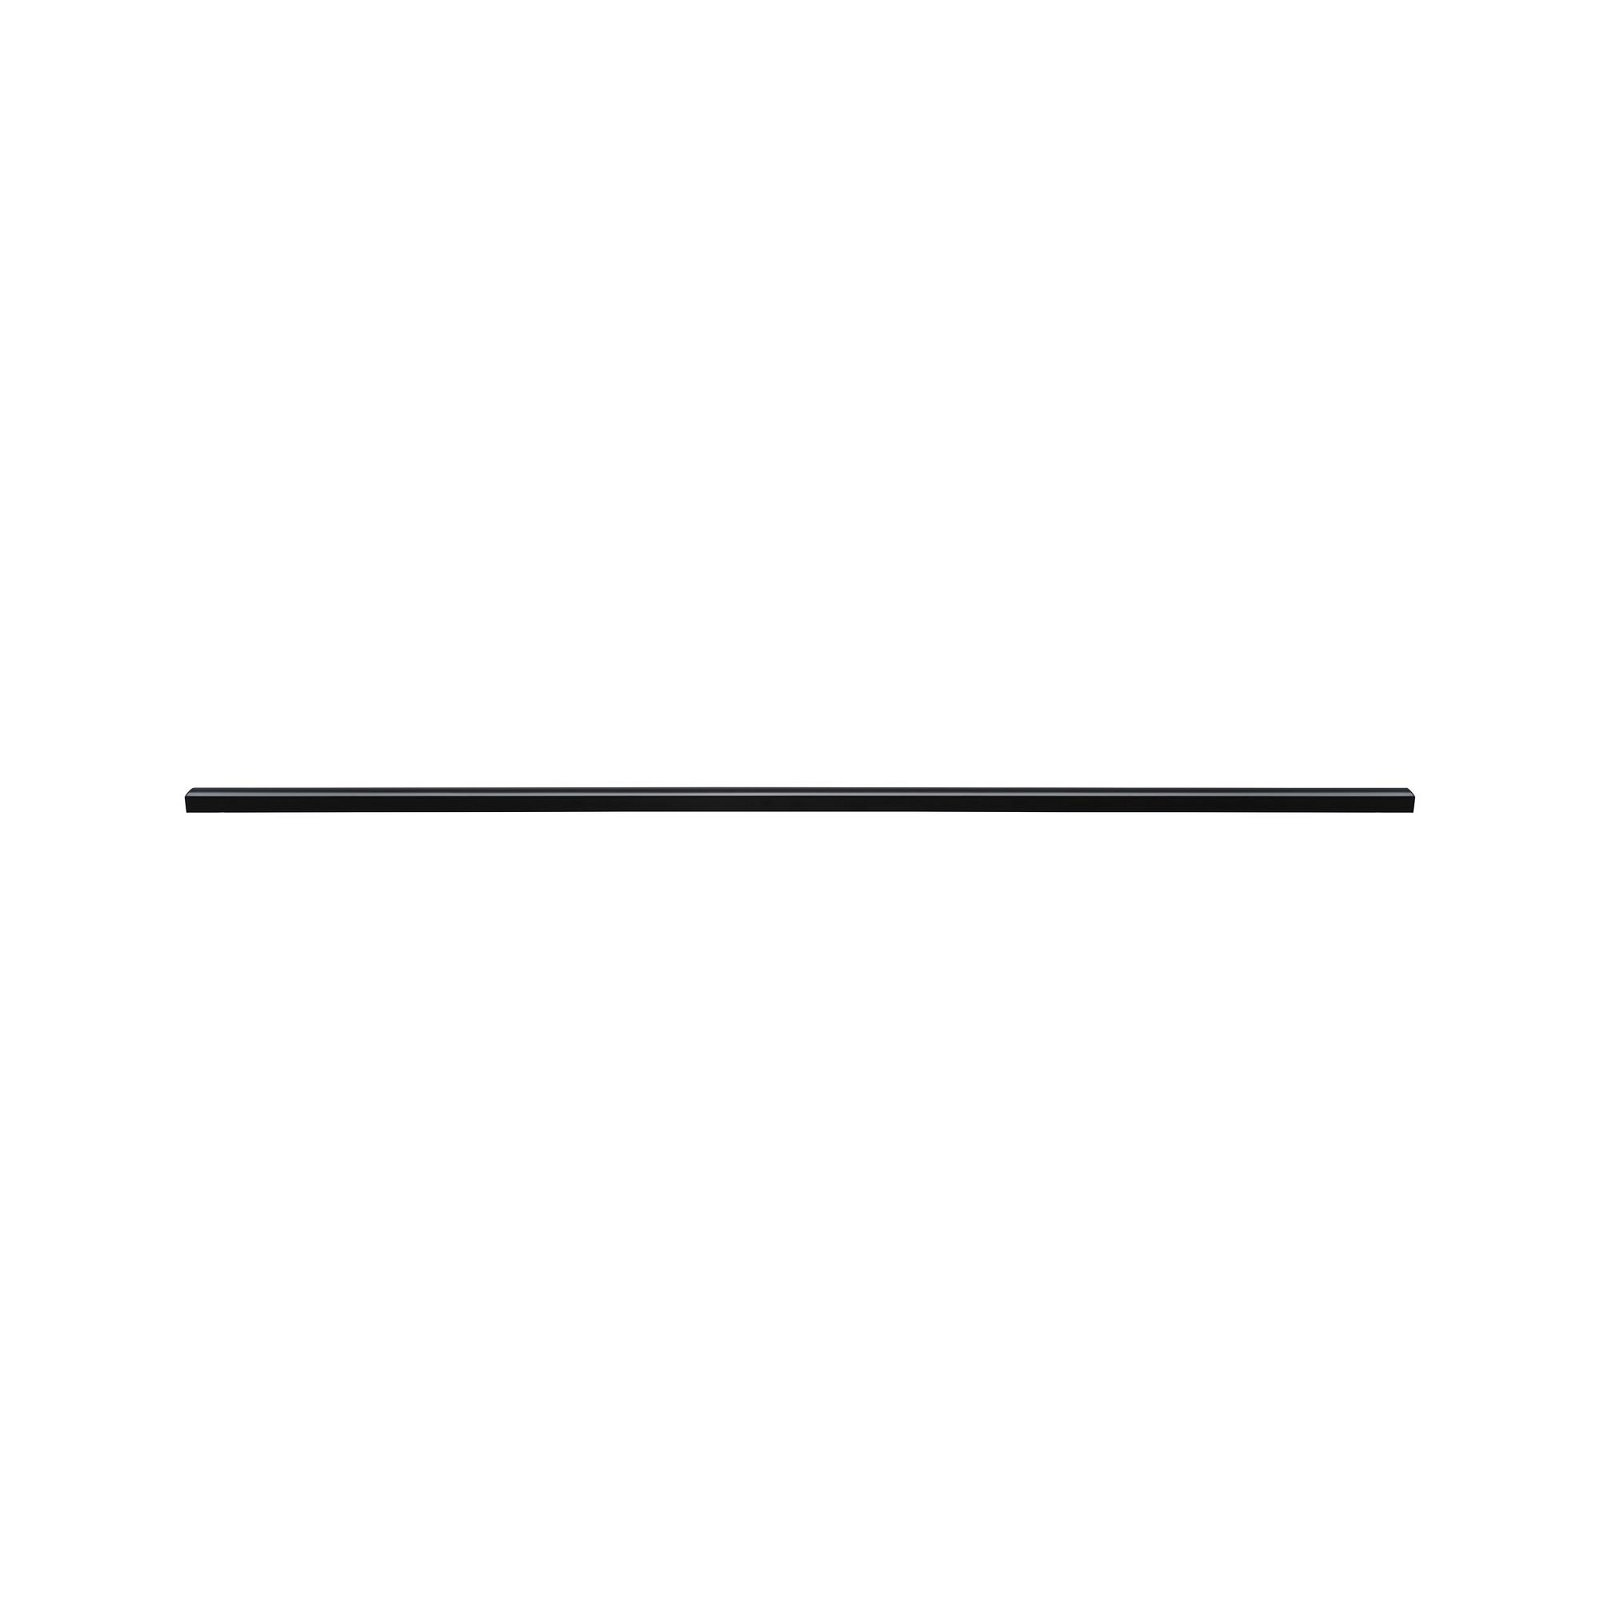 LED Strip Profil Square 1m Schwarz